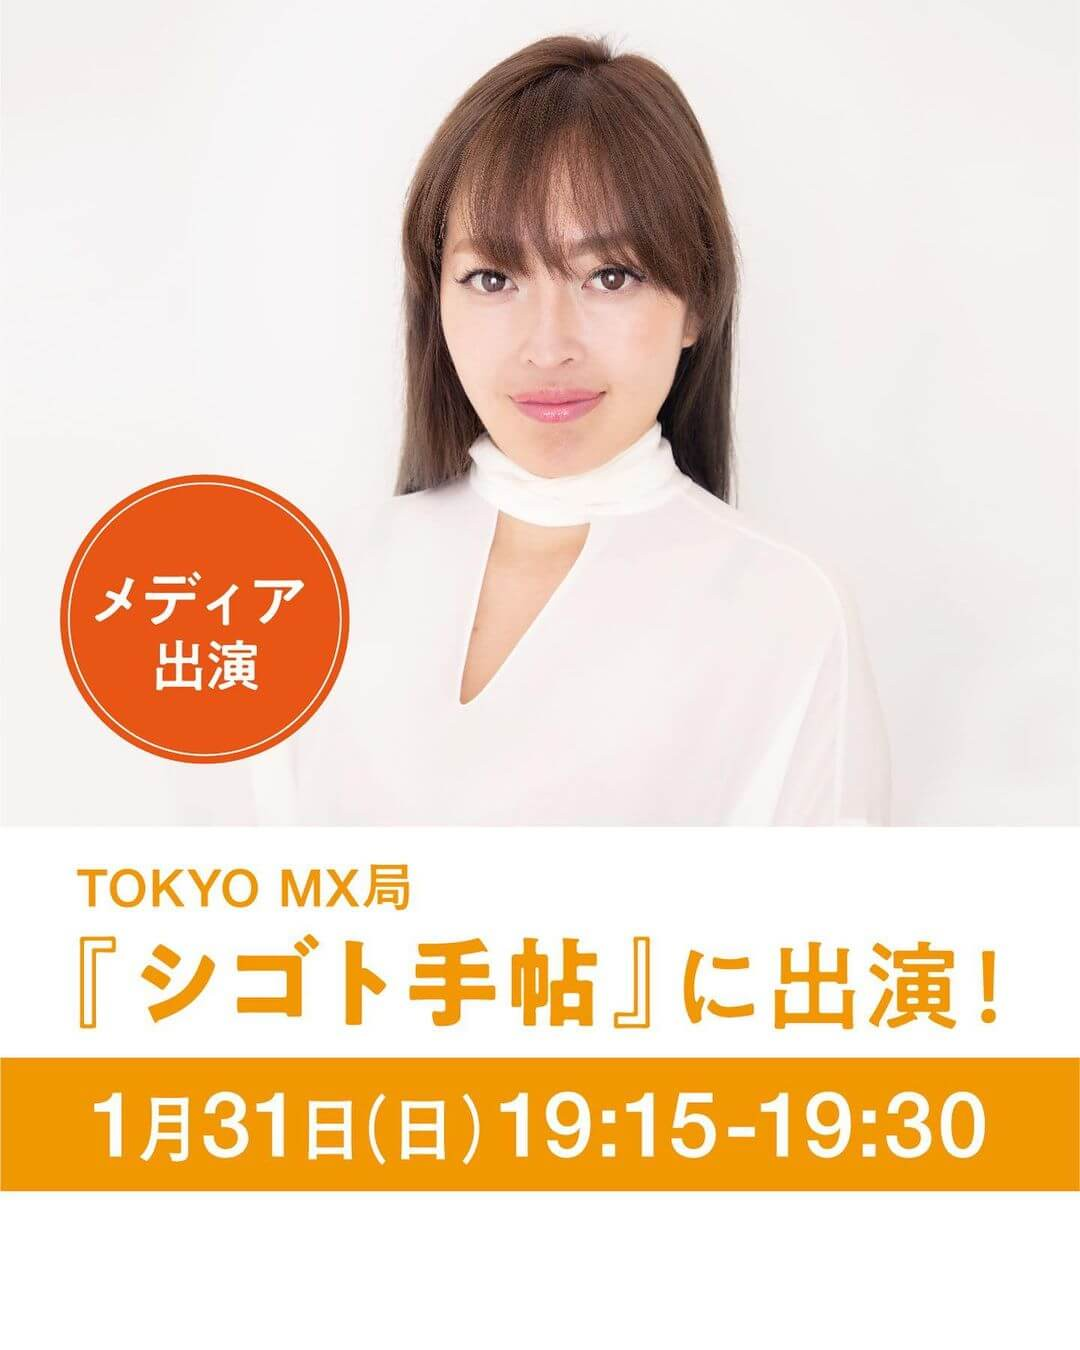 TOKYO MX局『シトゴ手帖』にテレビ出演します!